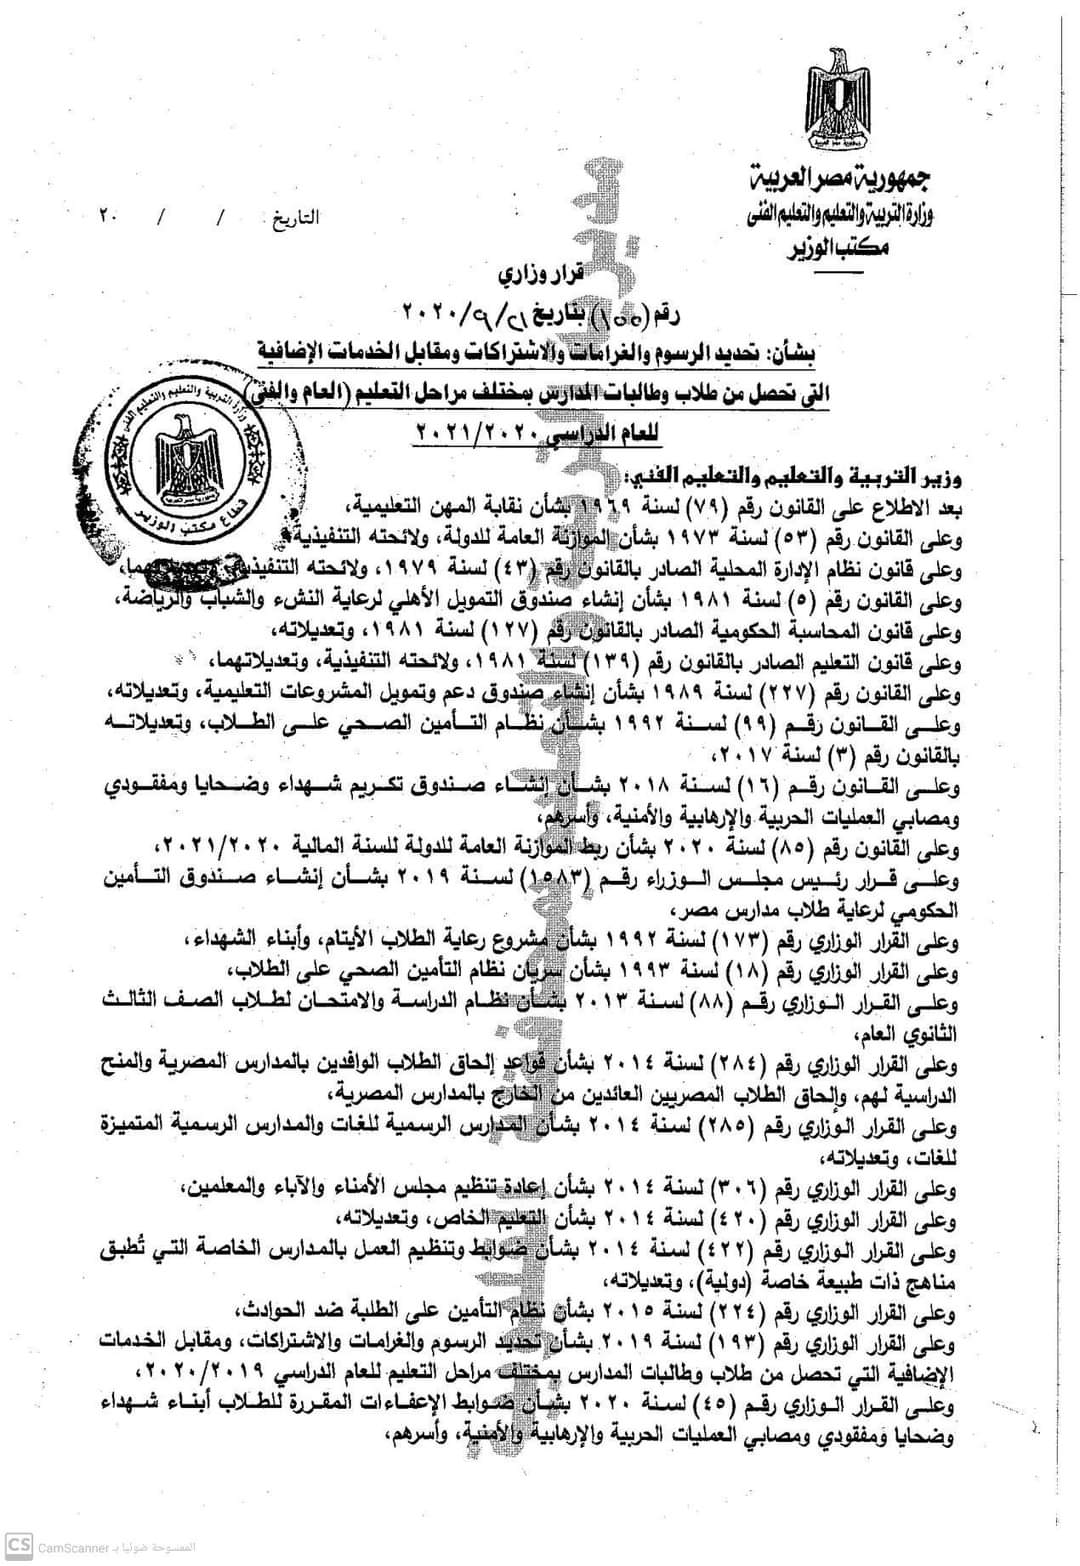 قرار الرسوم المدرسية ٢٠٢٠